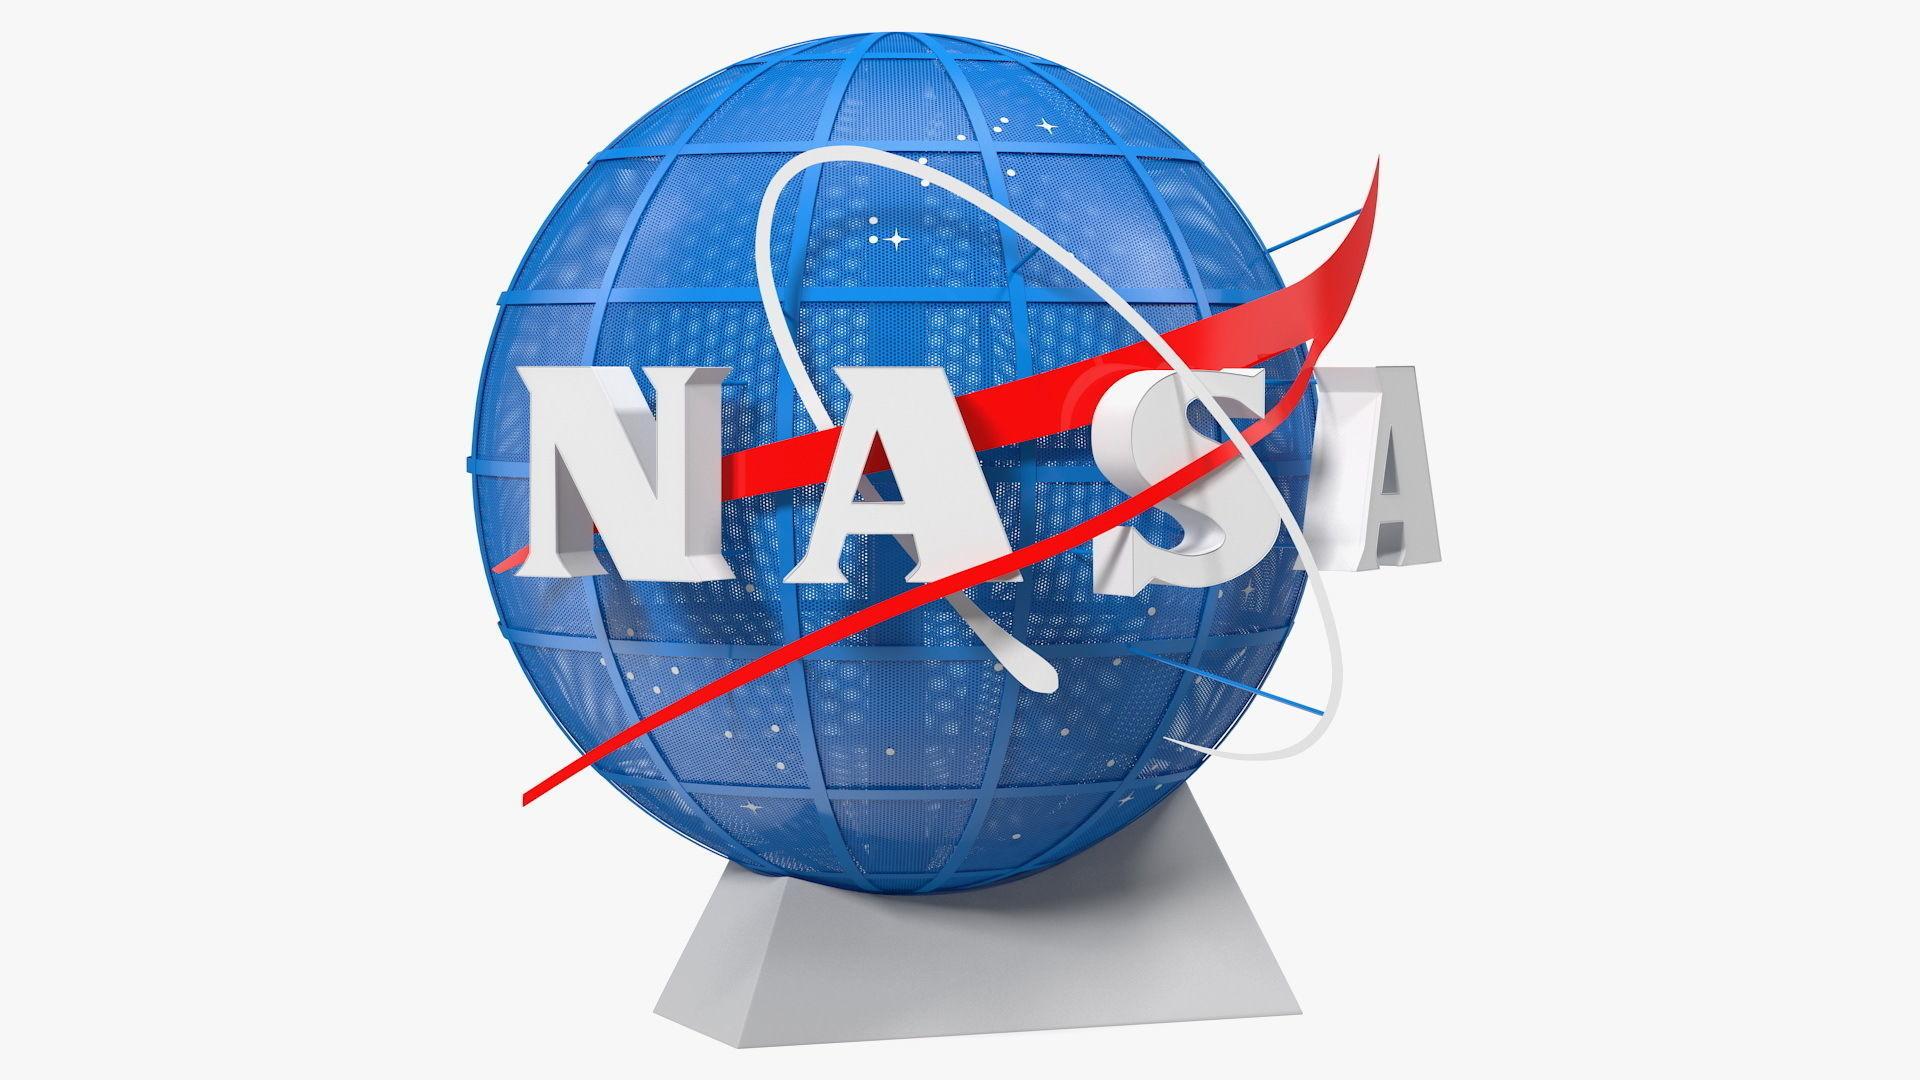 NASA Logo on Globe